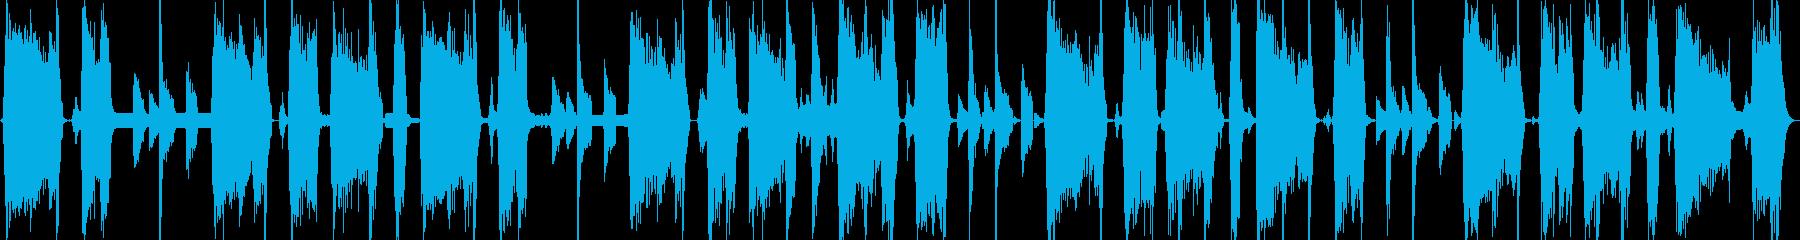 怪しい電波キャッチの再生済みの波形